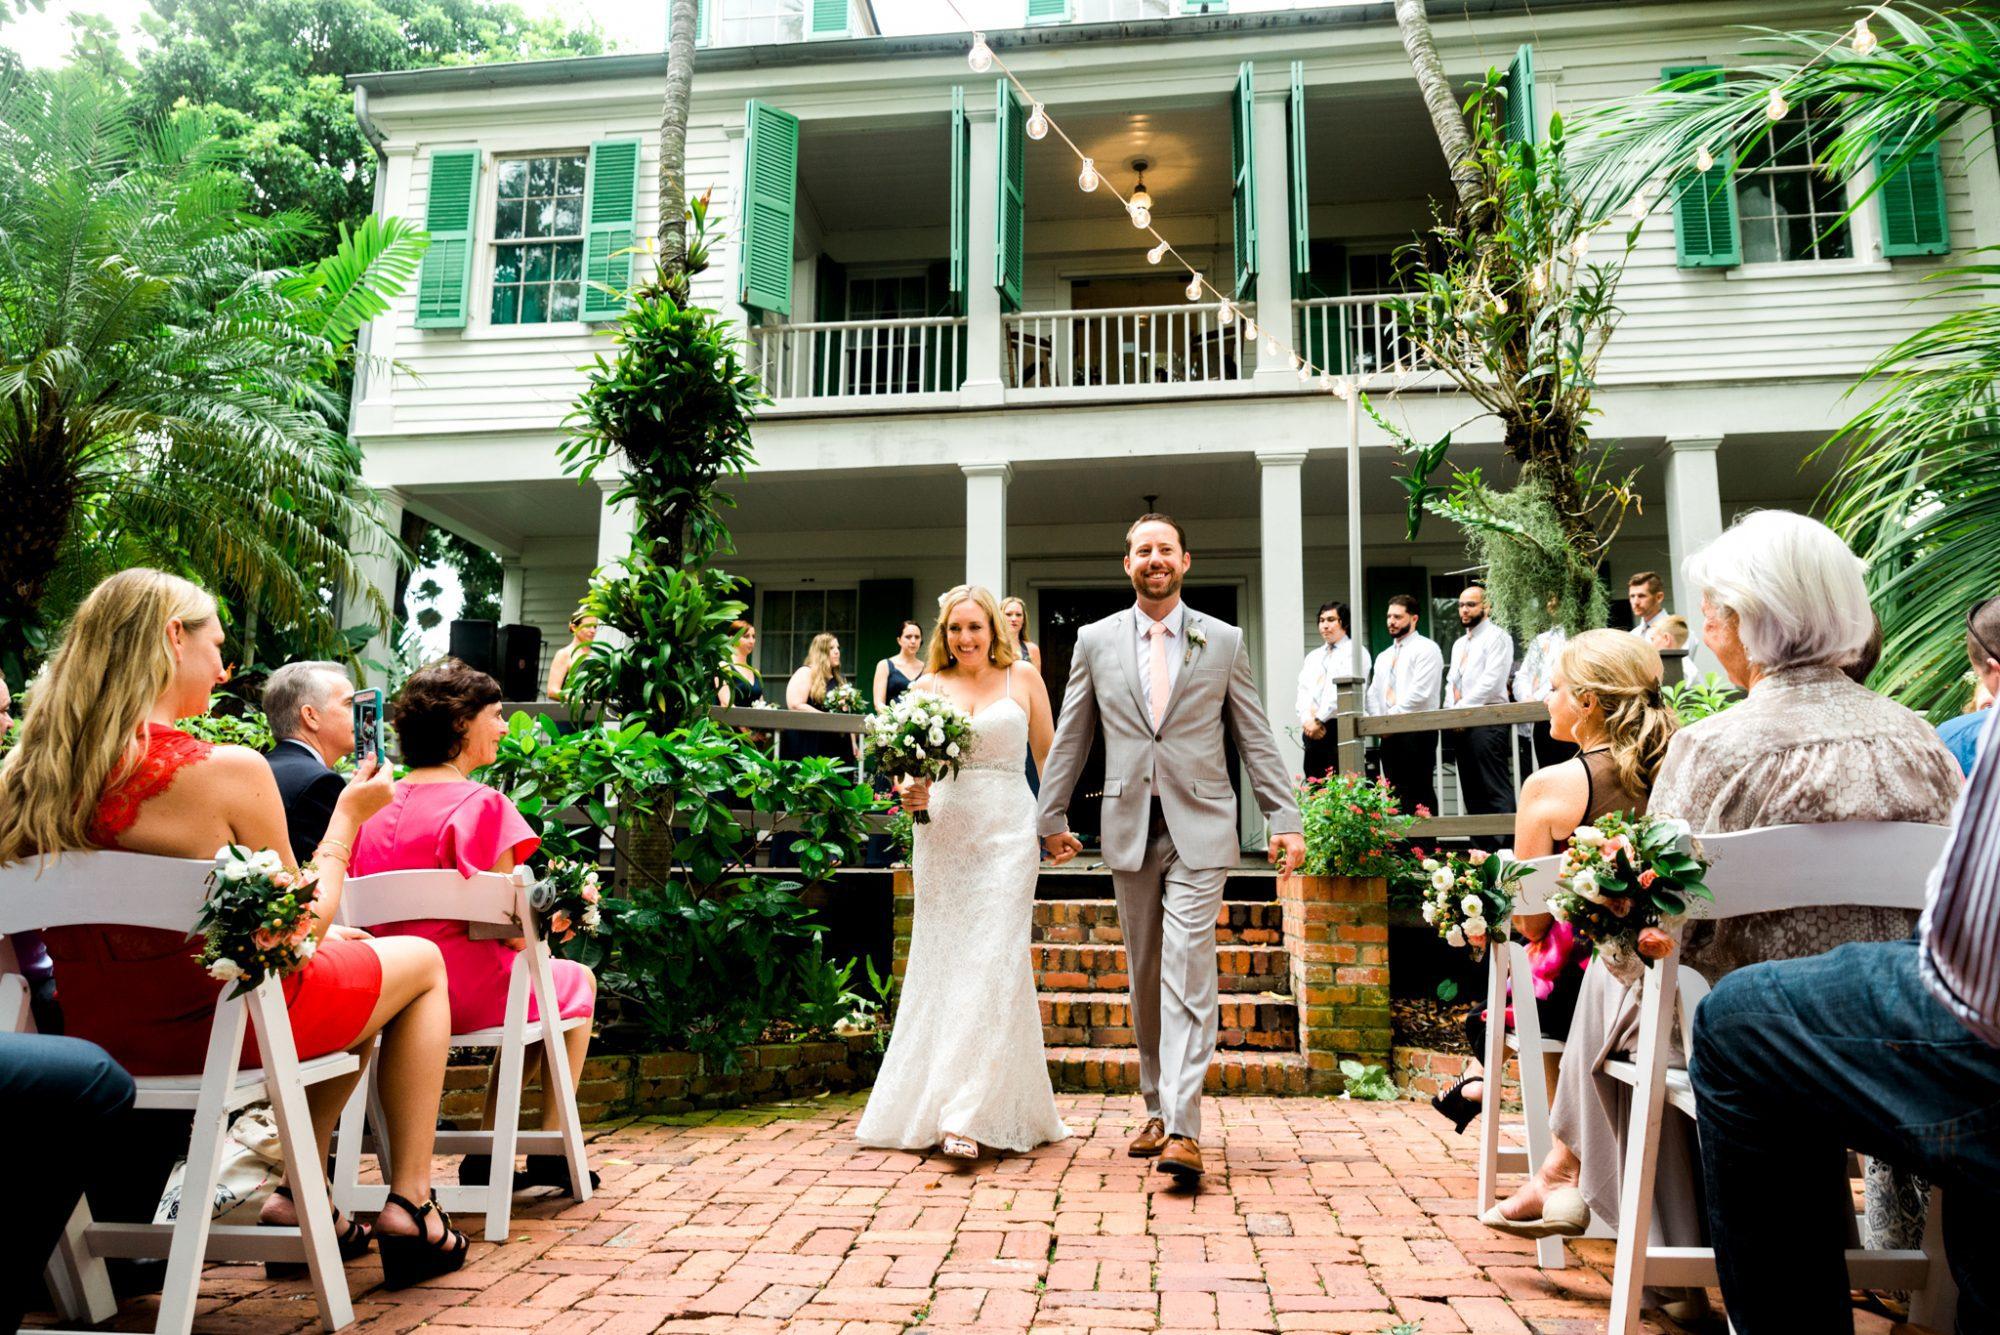 Colleen Jonathan Audubon House Wedding Key West 50 - Colleen & Jonathon | Audubon House and Gardens | Key West Wedding